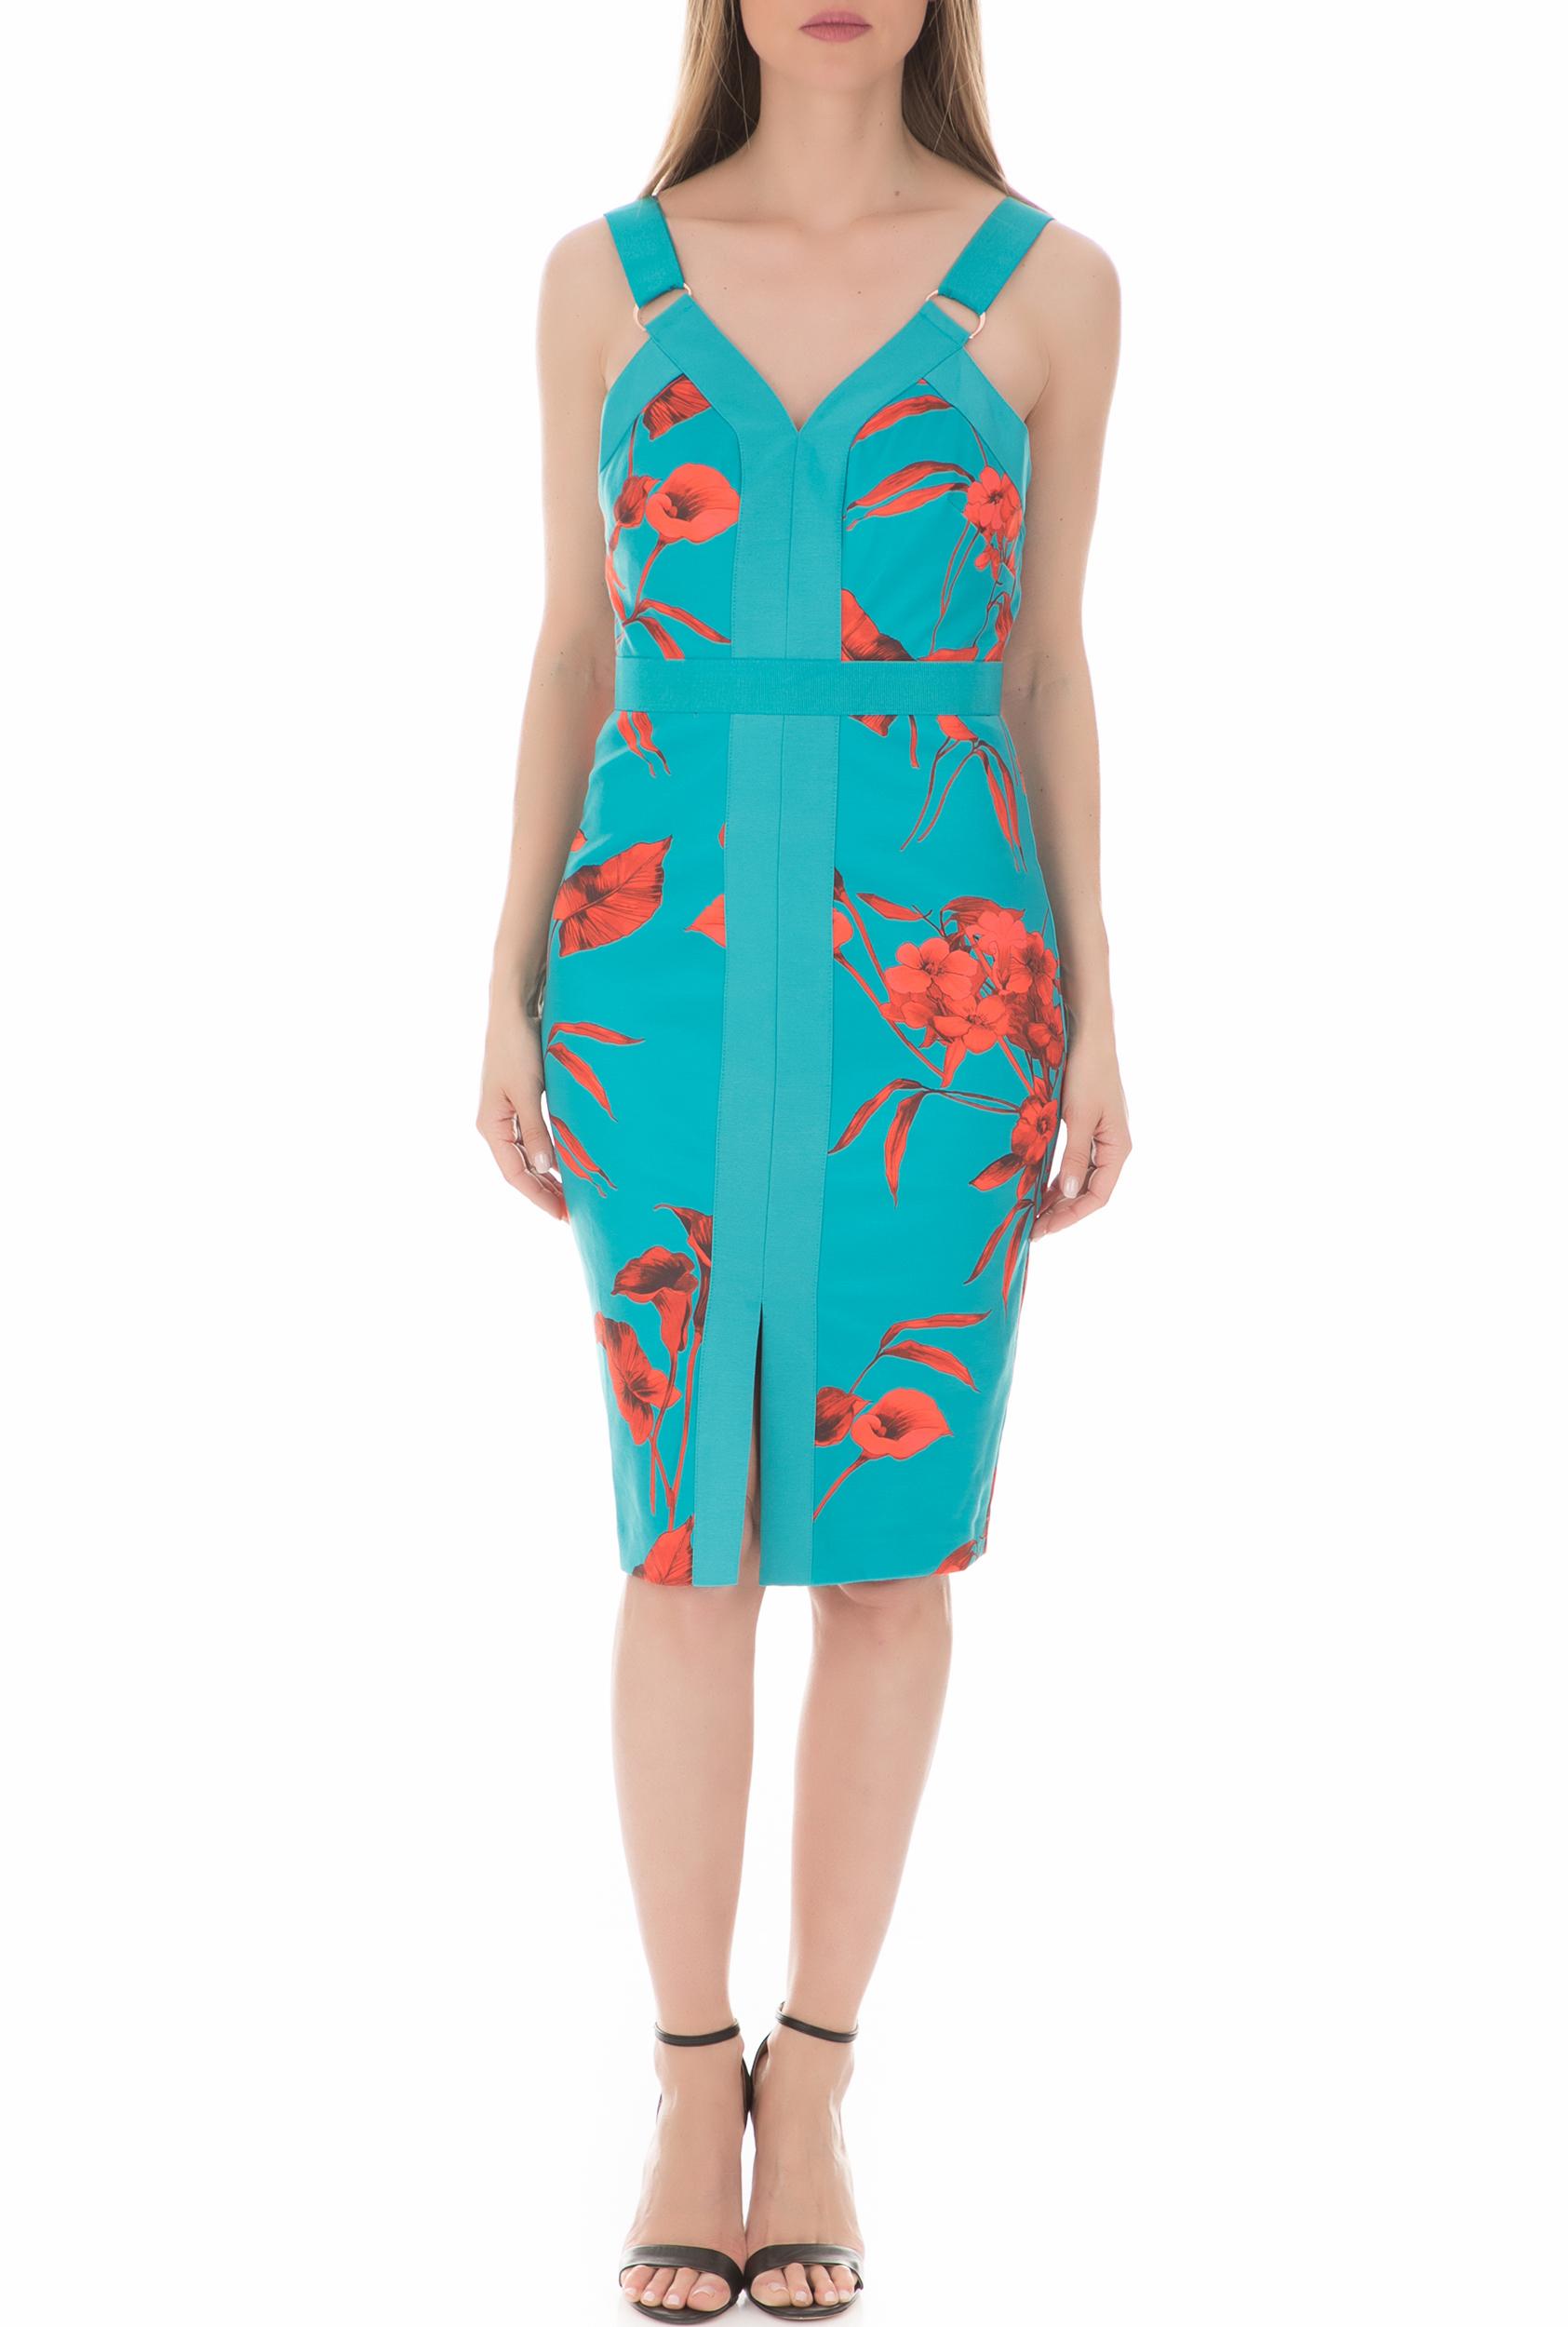 29fbc7413d60 TED BAKER - Γυναικείο φόρεμα JORDJA FANTASIA PANEL BODYCON TED BAKER μπλε